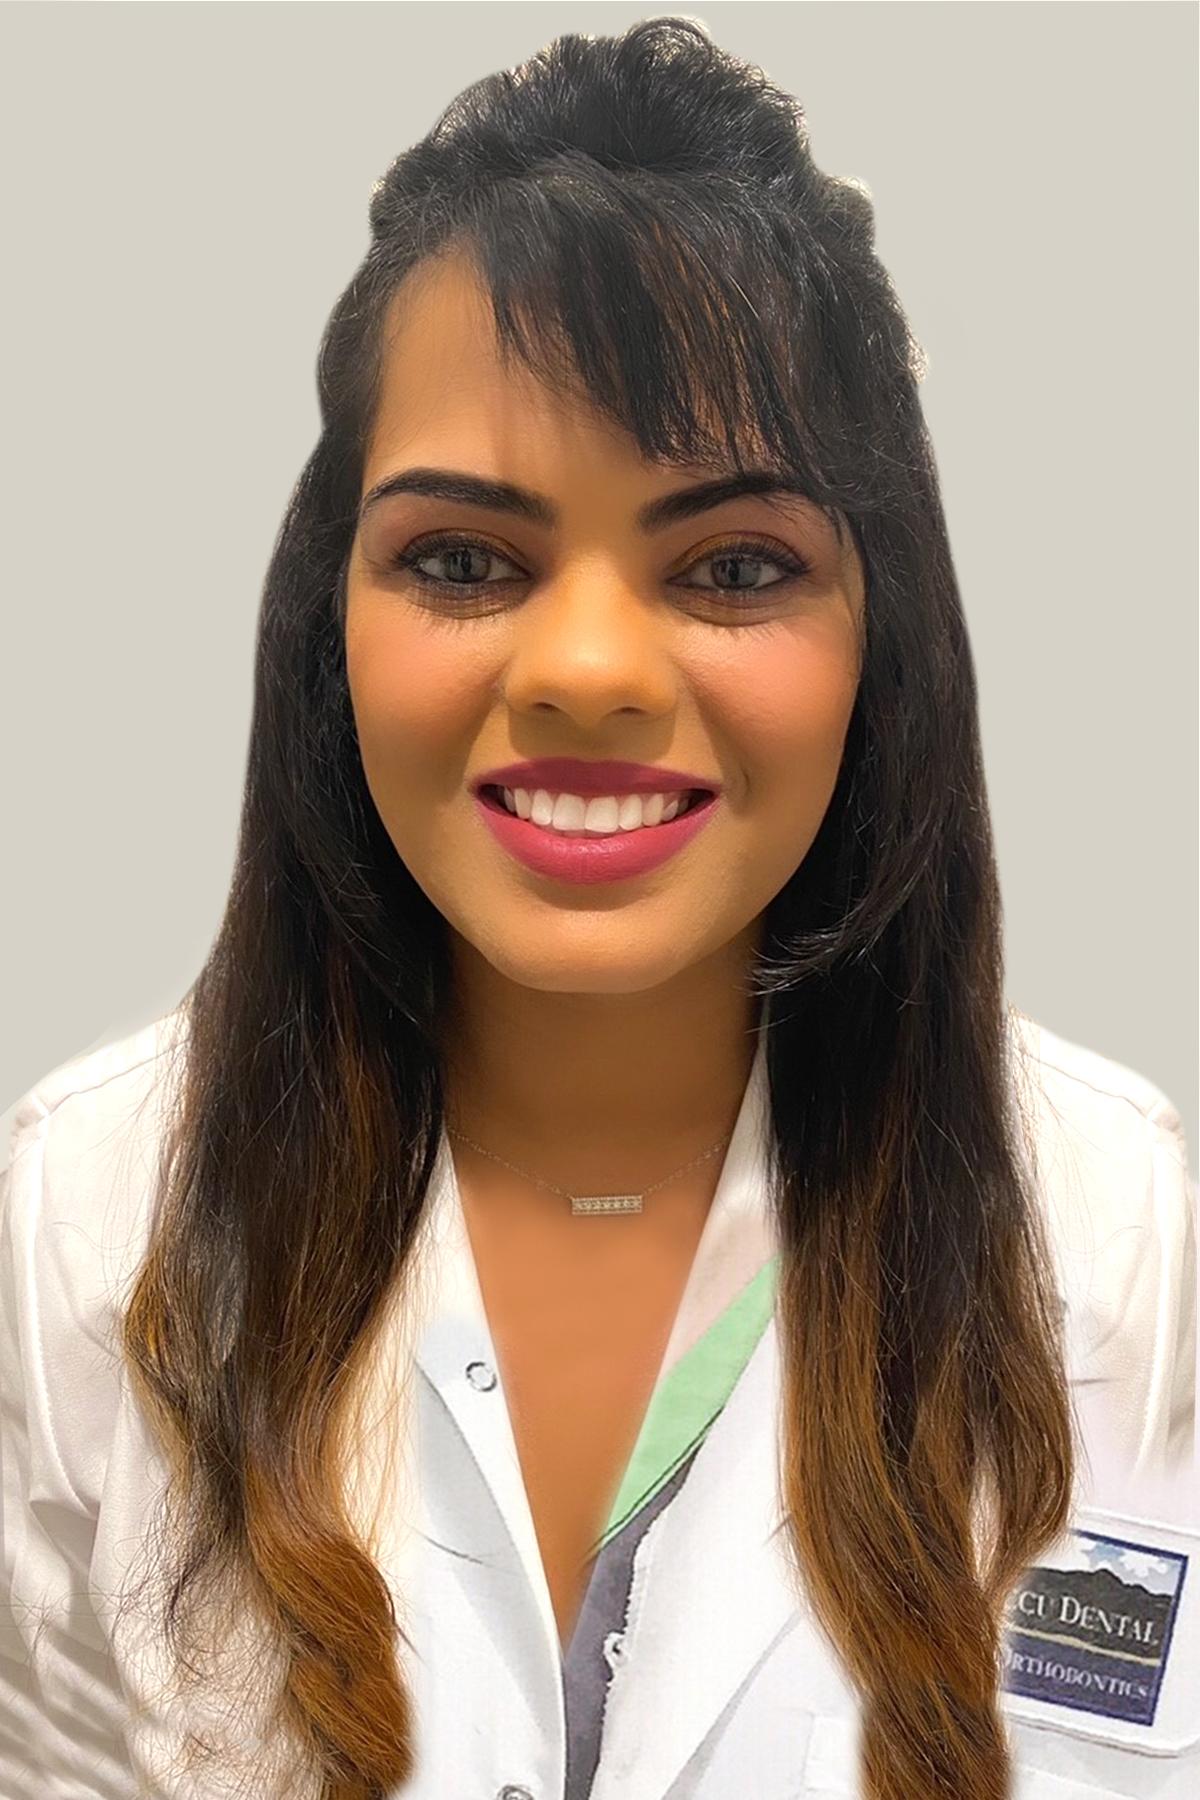 Dr. Bhawna Gupta DDS DDS, General Dentist